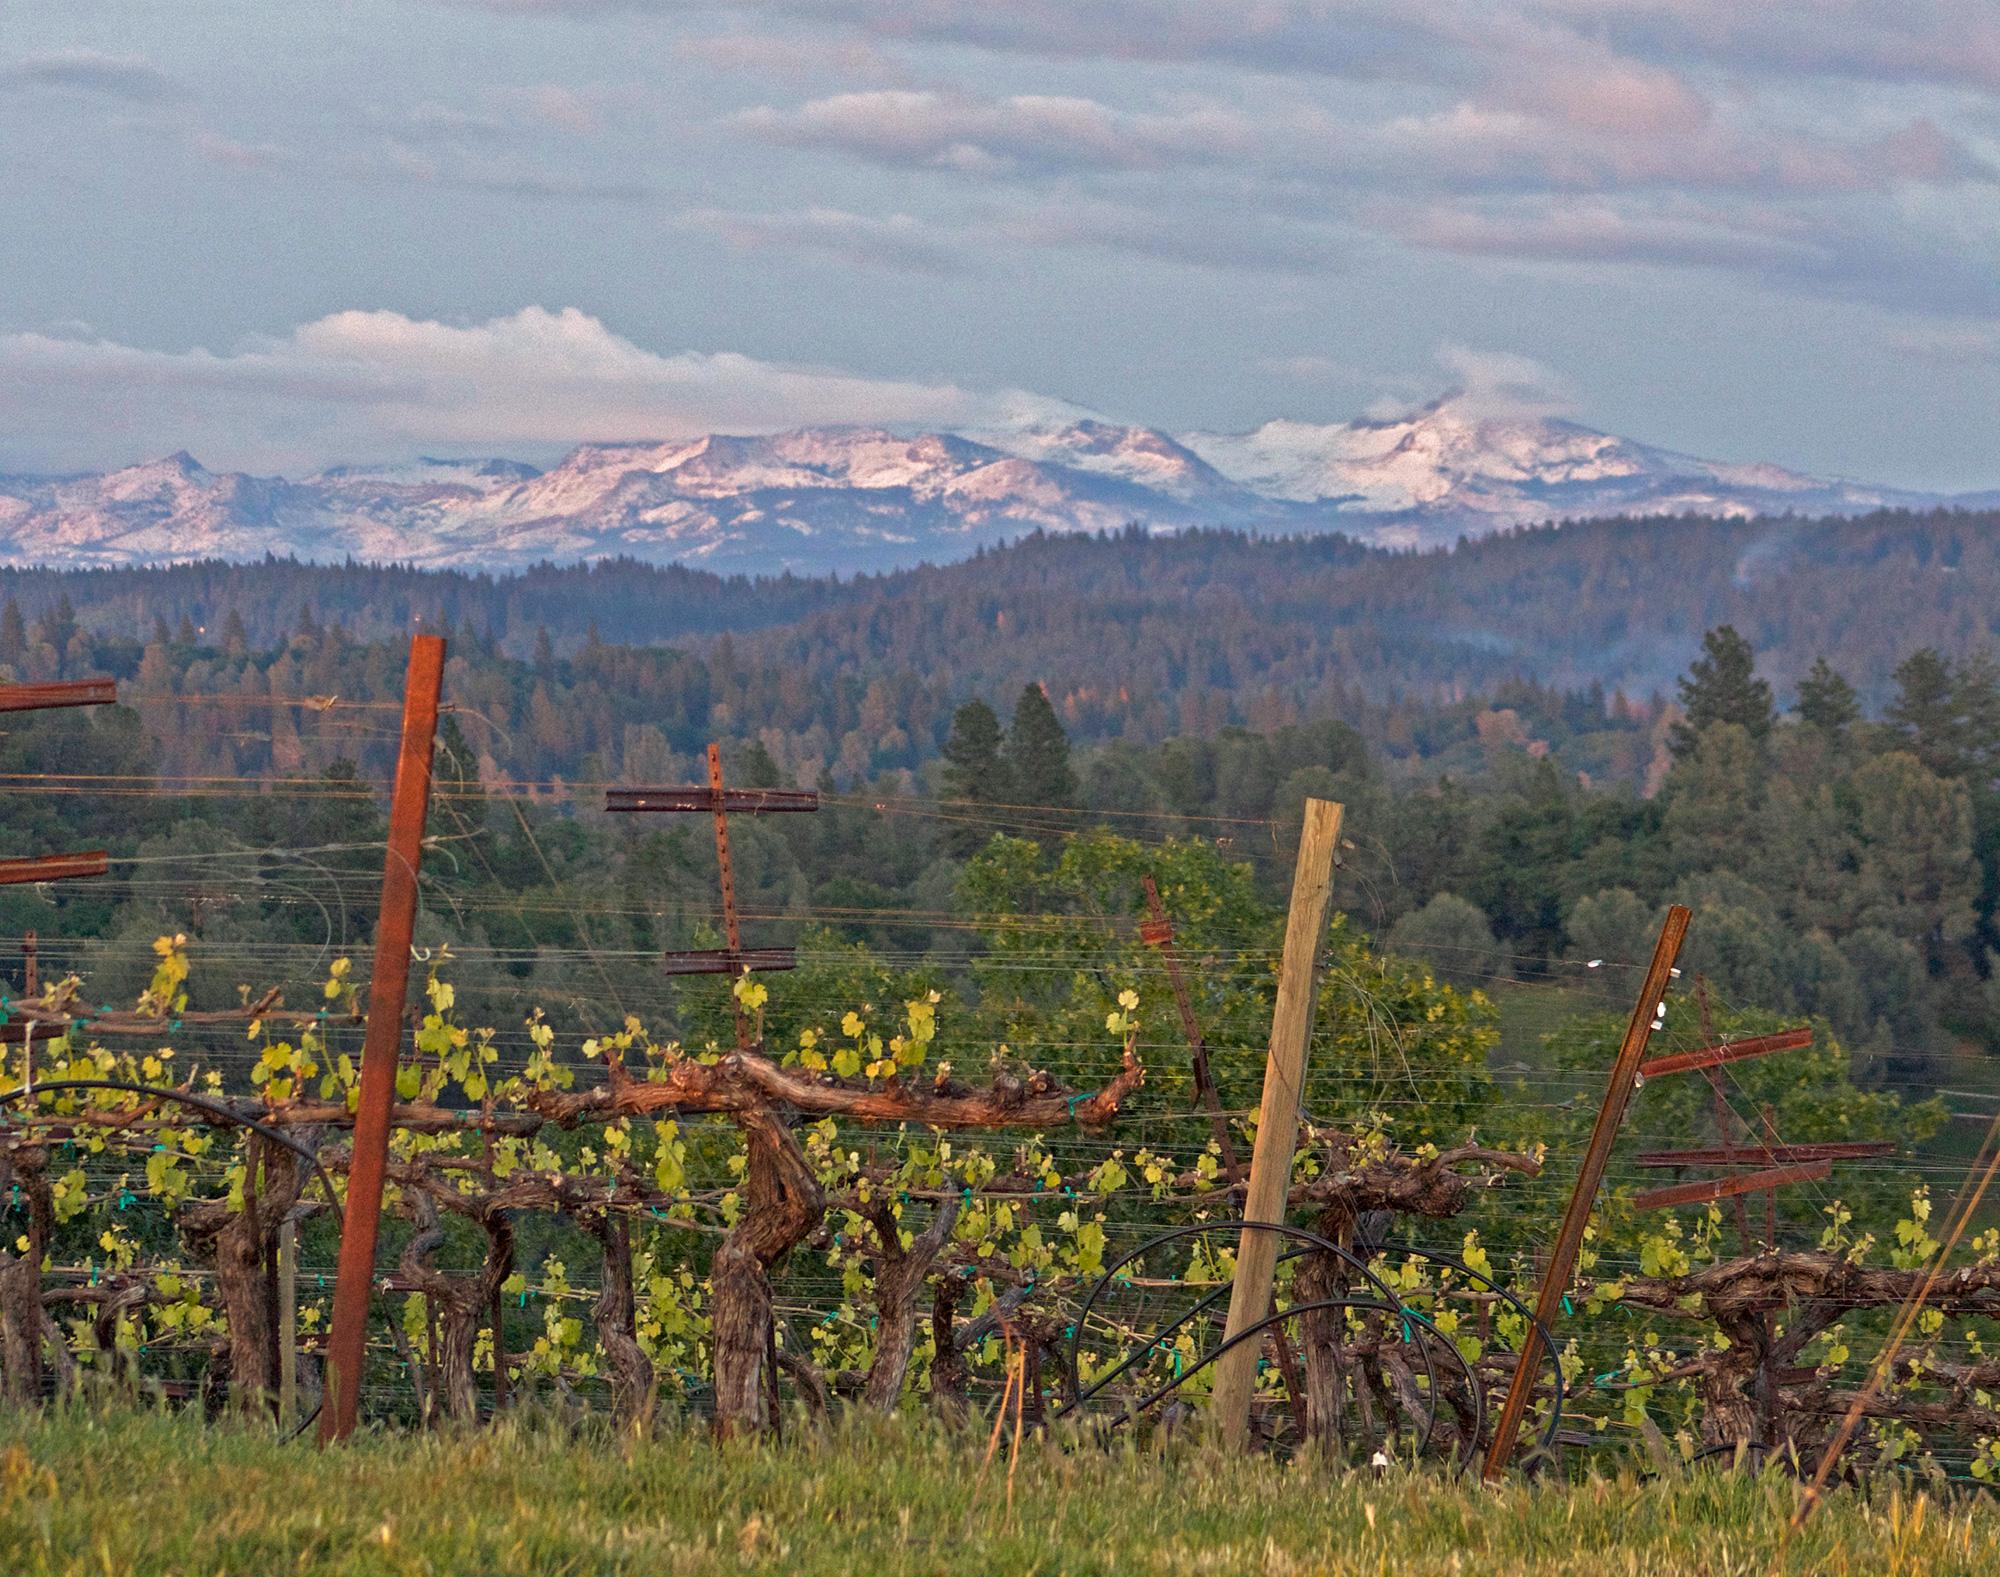 Premium Sierra Foothills Estate Vineyard and Winery